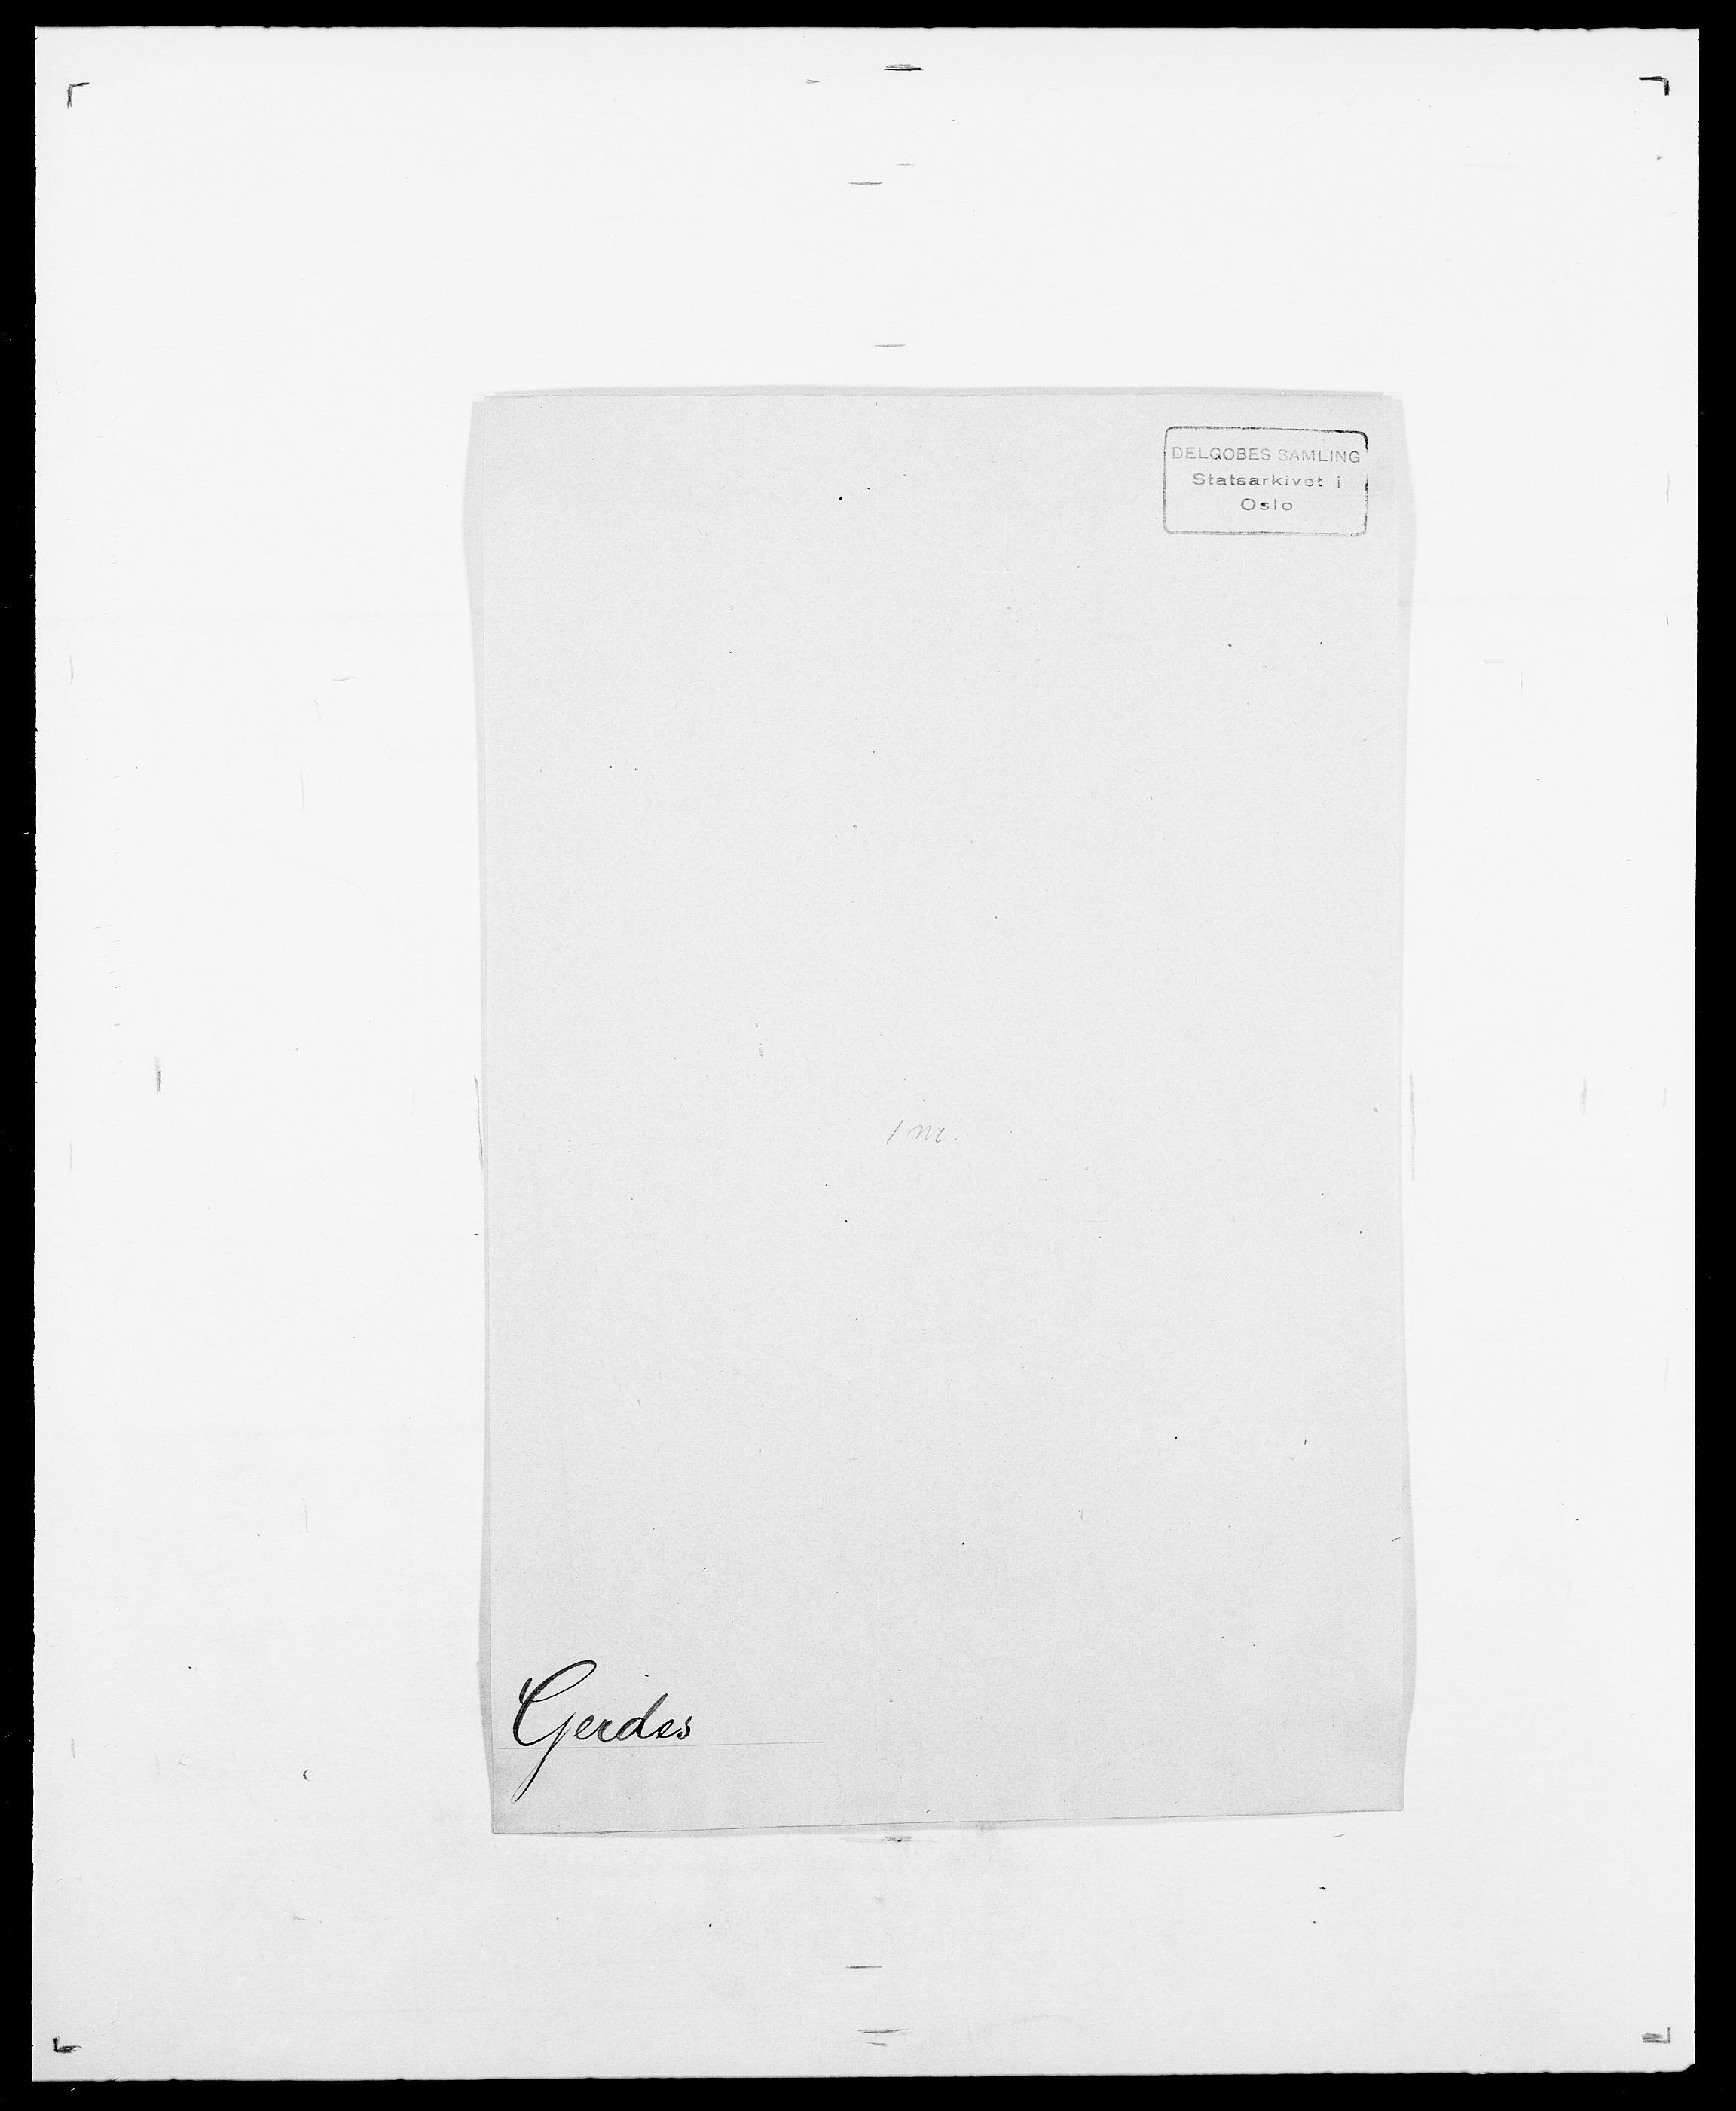 SAO, Delgobe, Charles Antoine - samling, D/Da/L0013: Forbos - Geving, s. 617